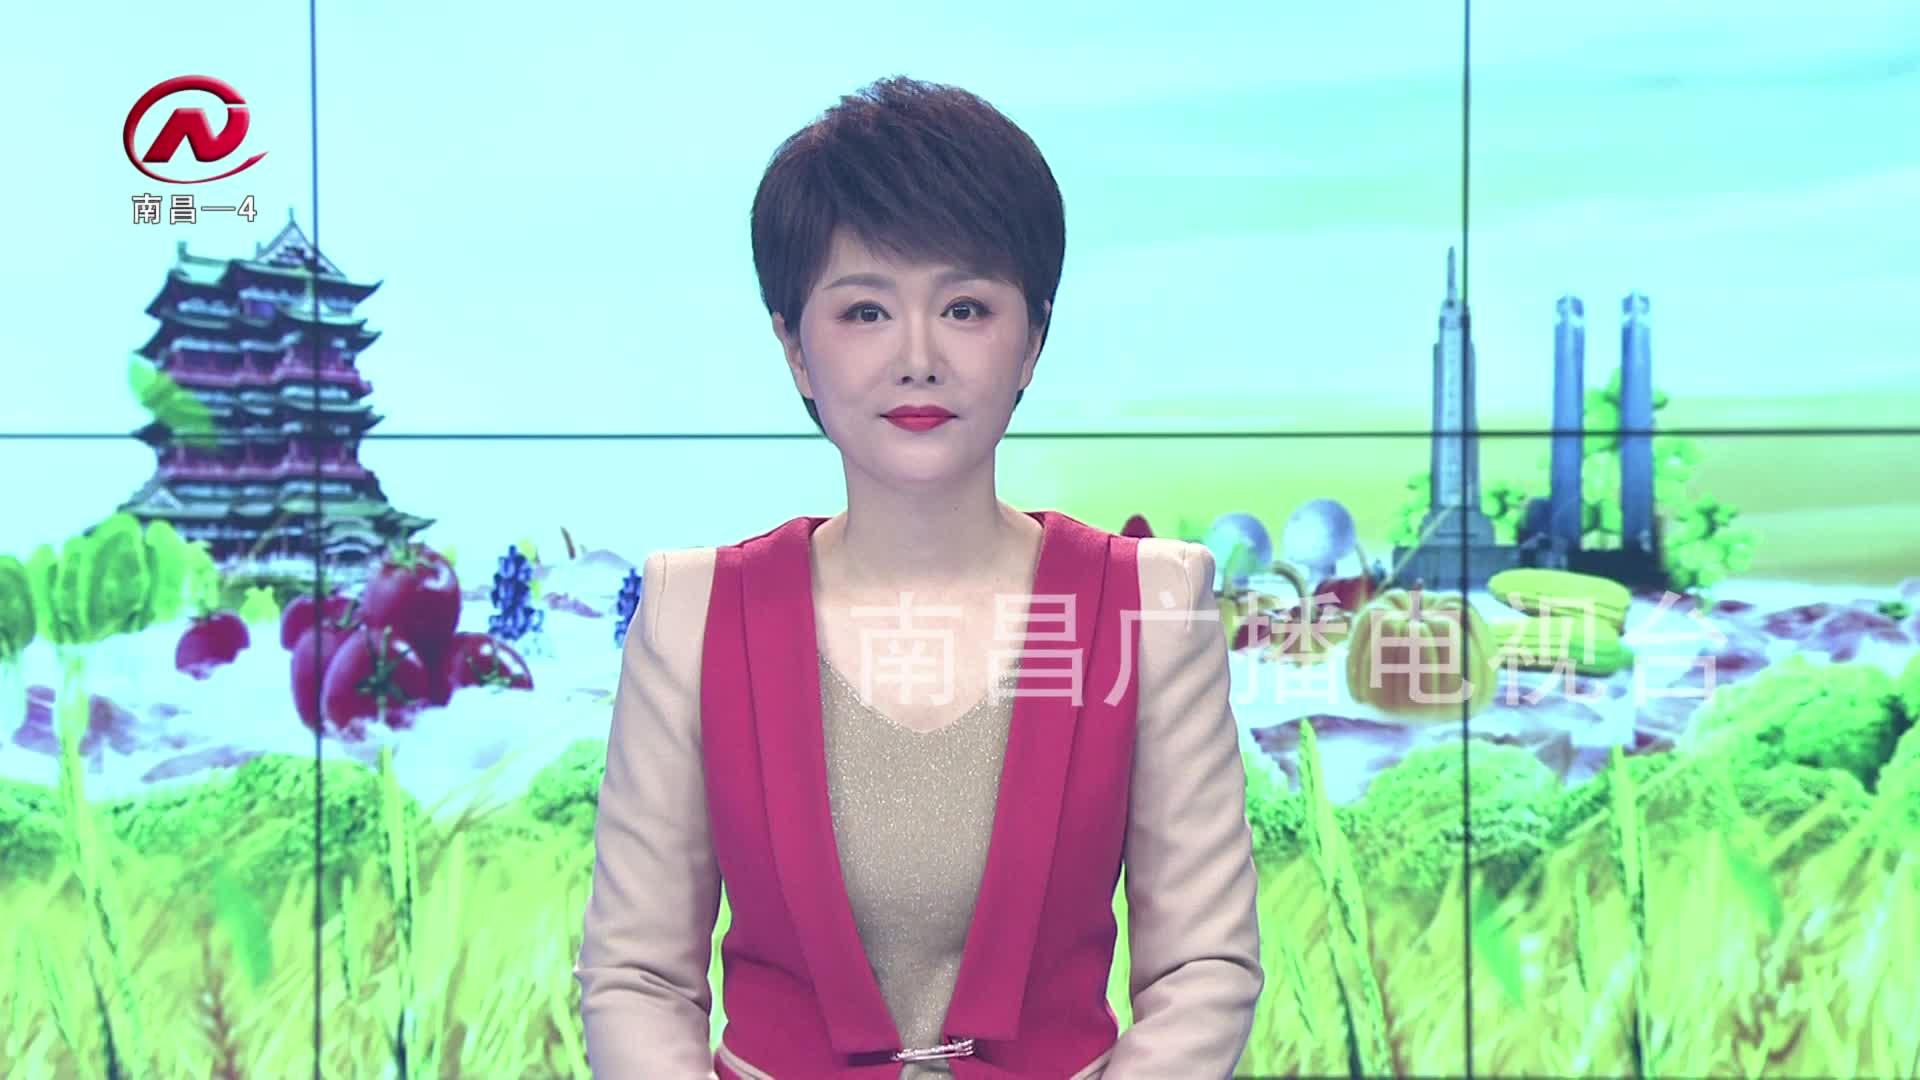 【豫章農視】灣里:明前茶飄香 春日采茶忙